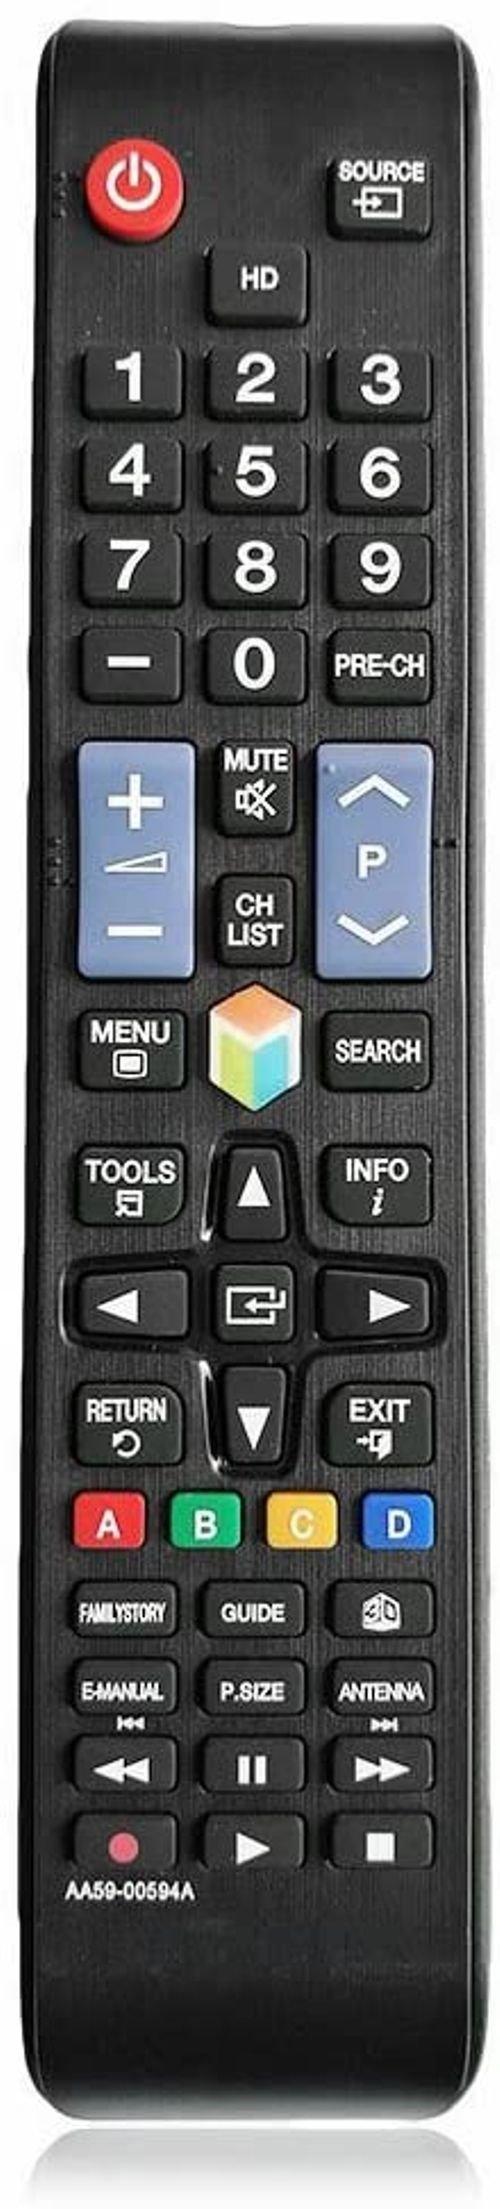 جهاز تحكم عن بعد سامسونج، يدعم شاشات سامسونج الذكية، أسود